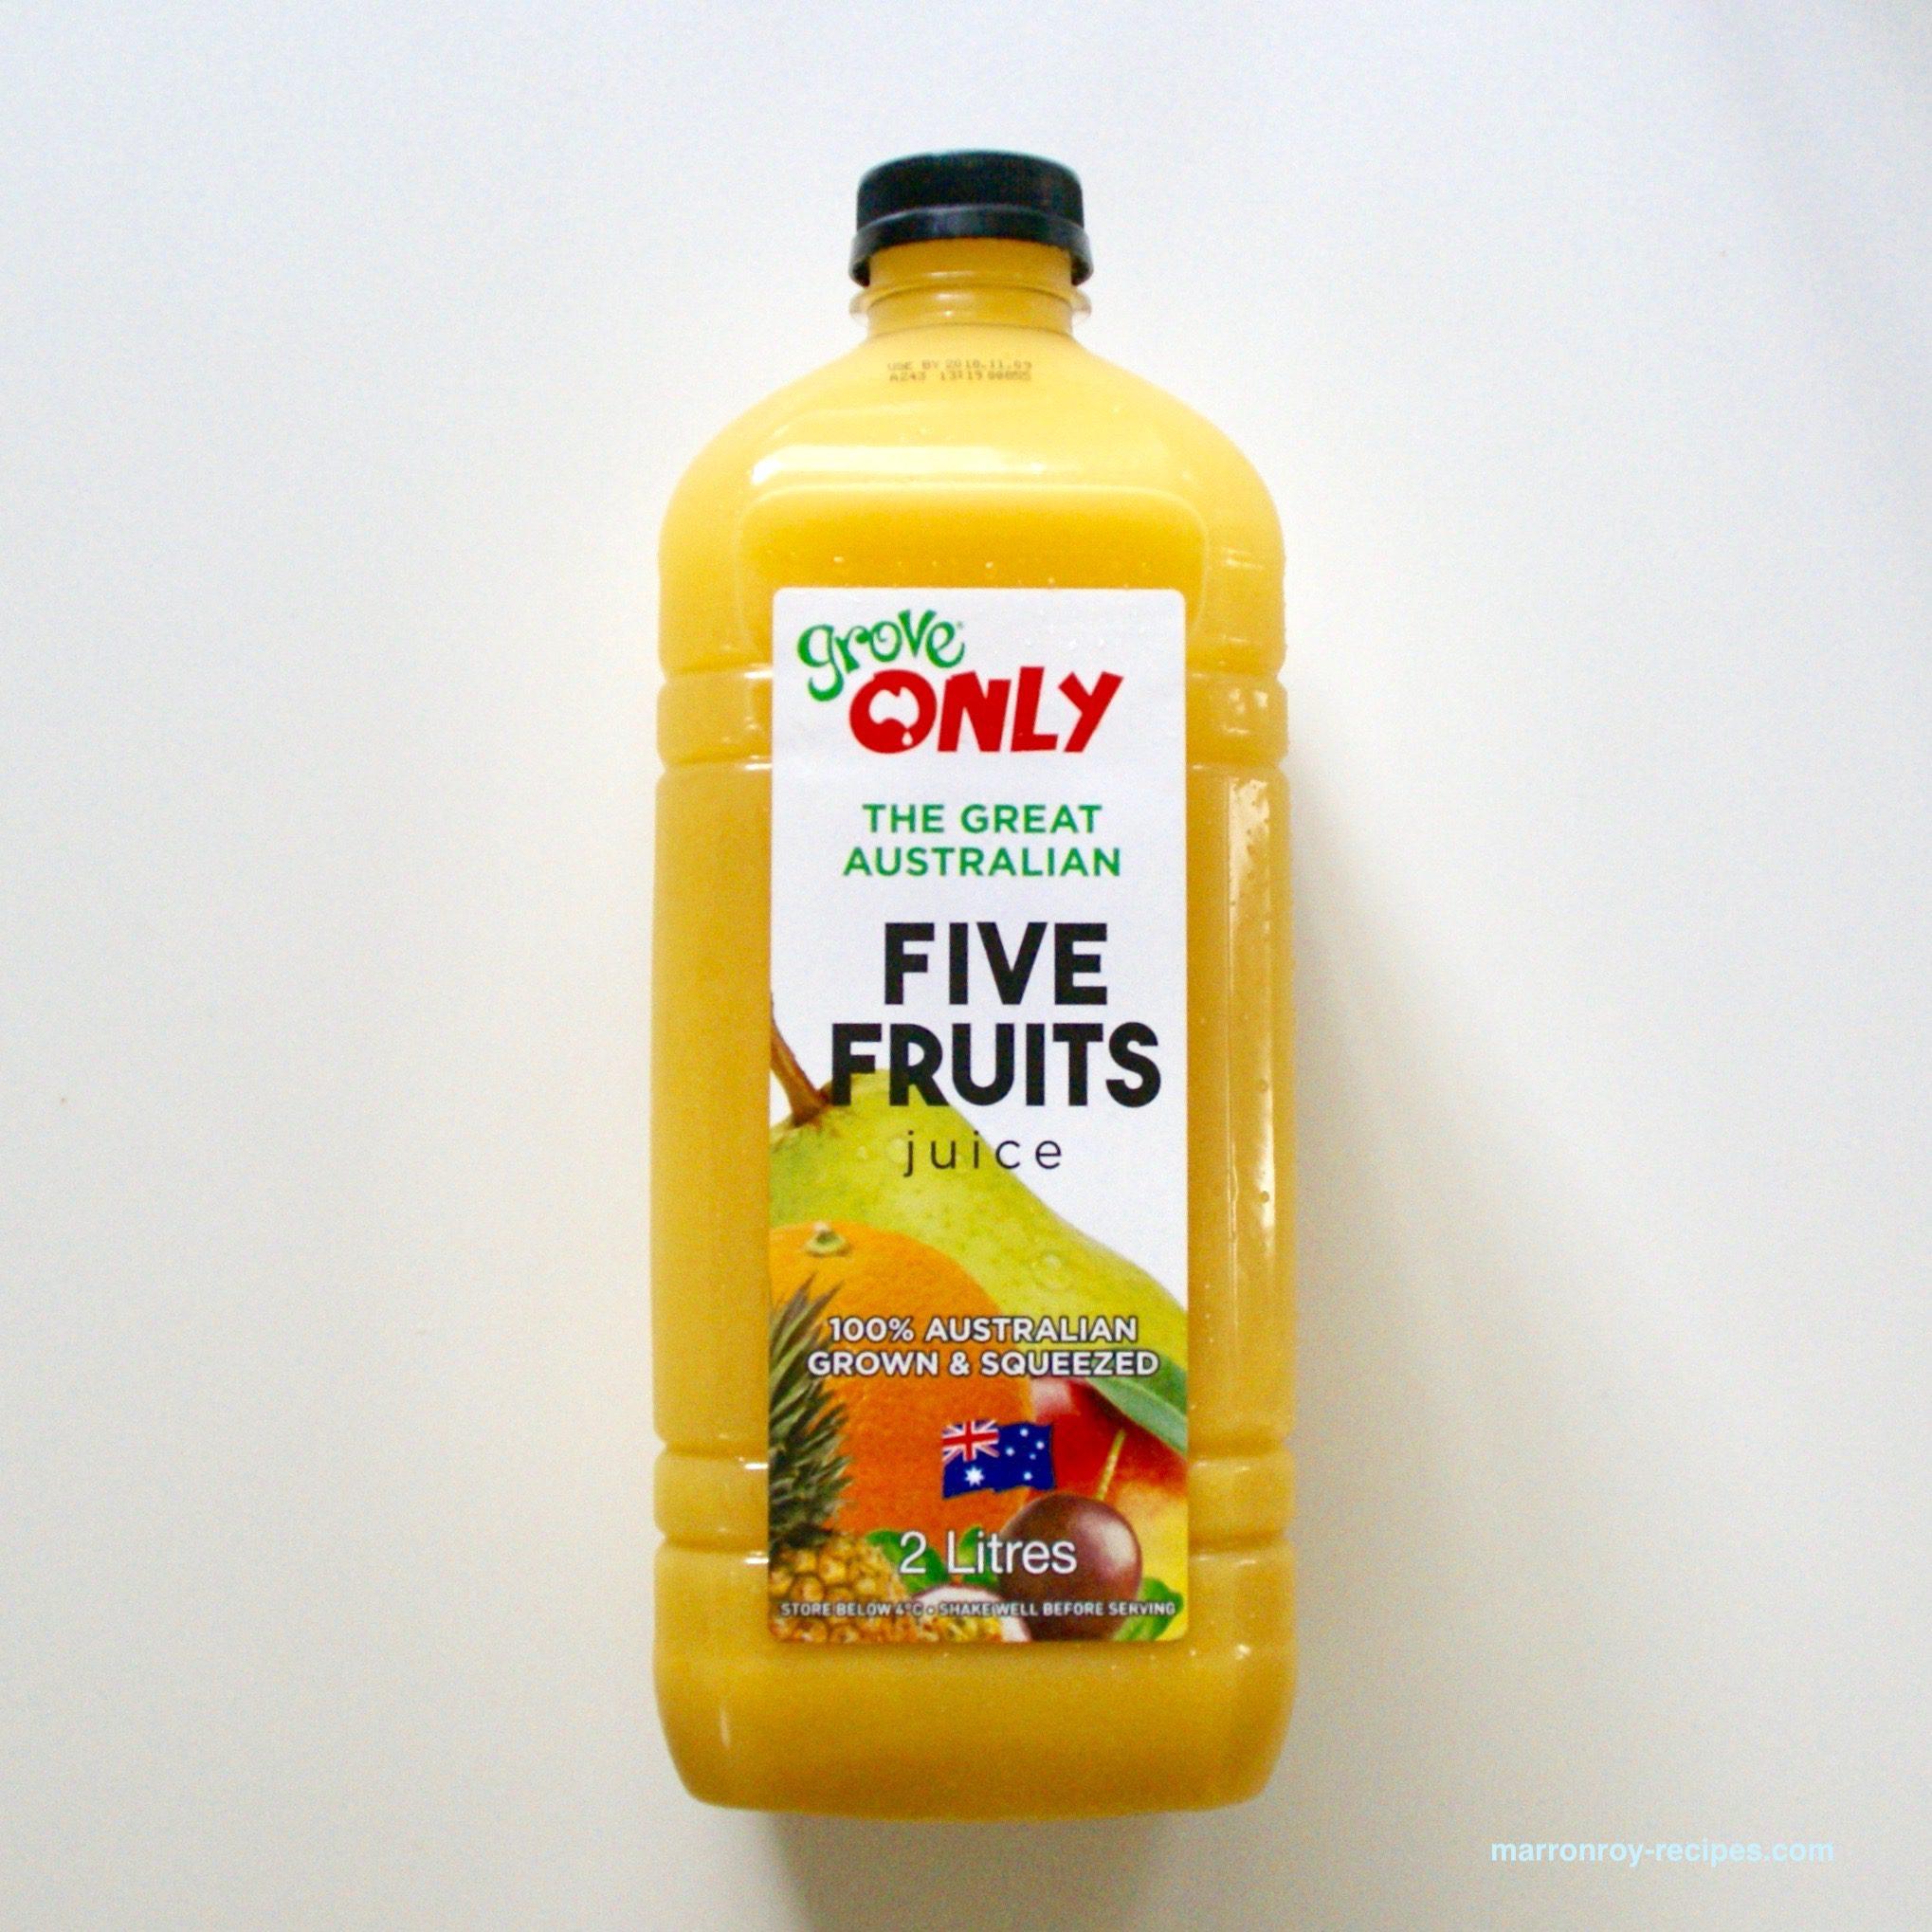 """コストコのおすすめジュース""""Grove juice オンリーファイブ フルーツジュース"""""""